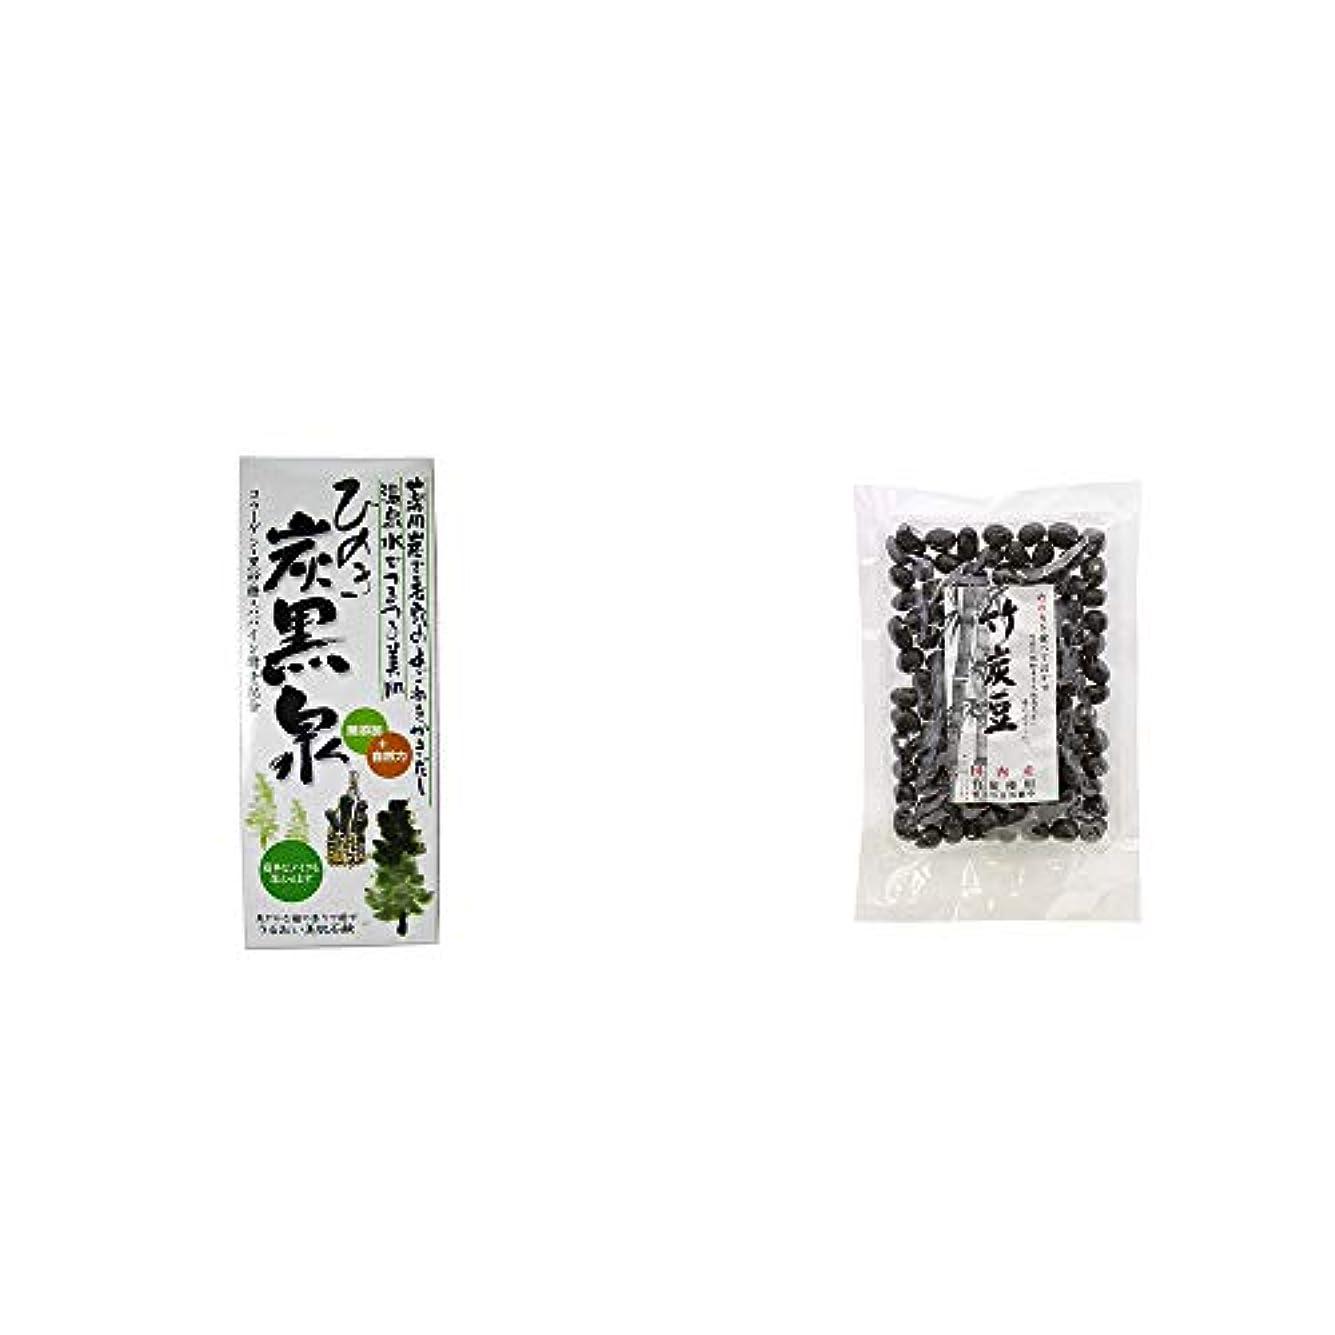 責墓楽観[2点セット] ひのき炭黒泉 箱入り(75g×3)?国内産 竹炭使用 竹炭豆(160g)